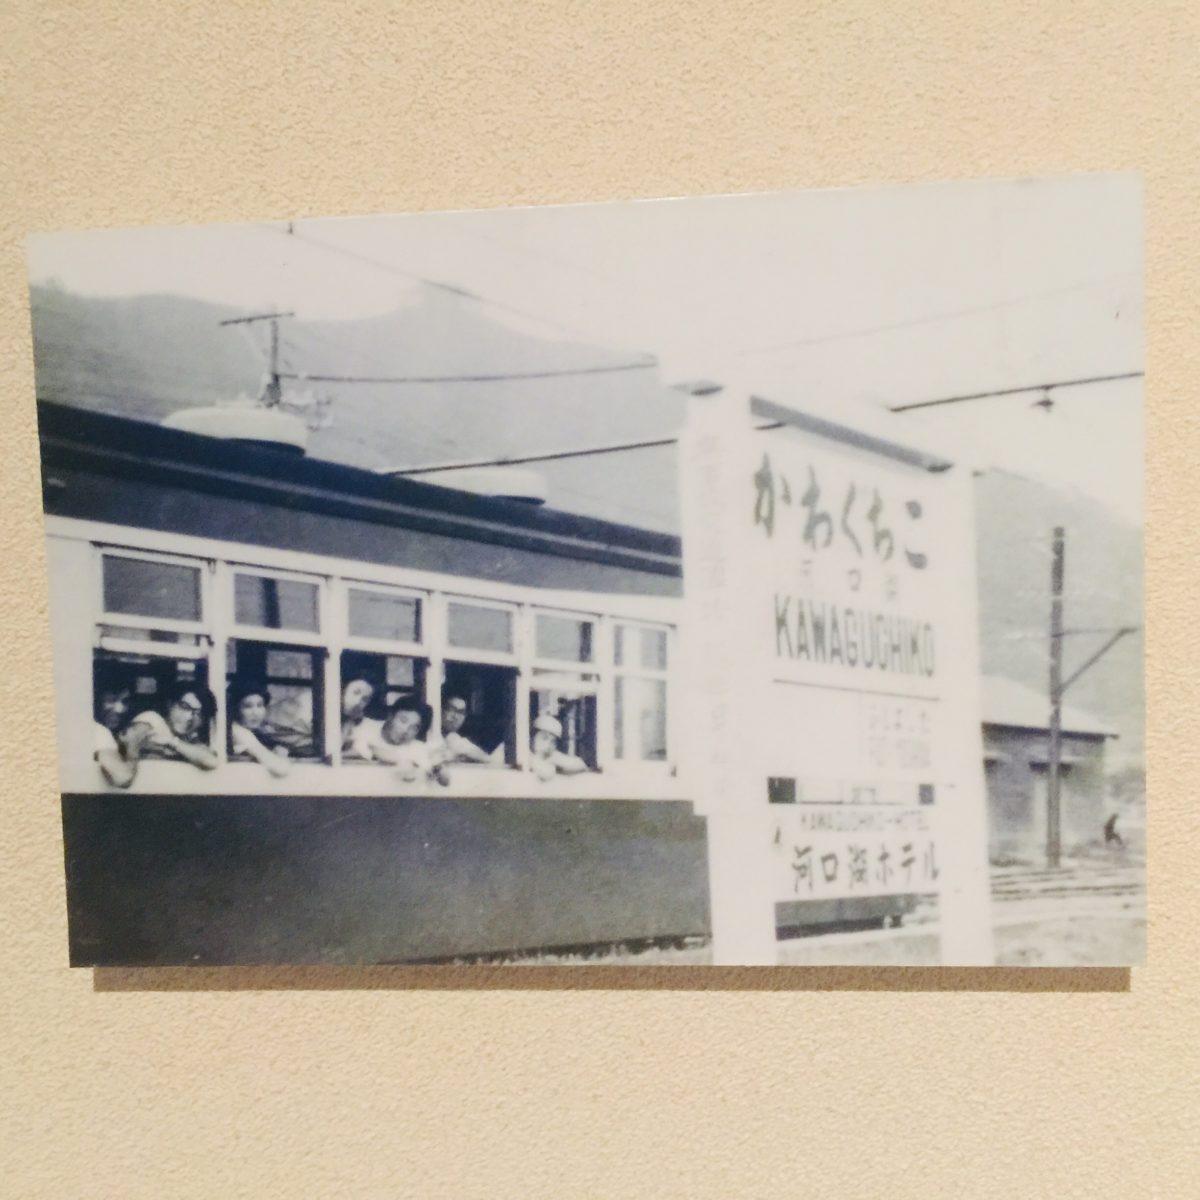 「藤子不二雄Ⓐ展」でのトキワ荘の仲間たちとでかけた河口湖旅行写真